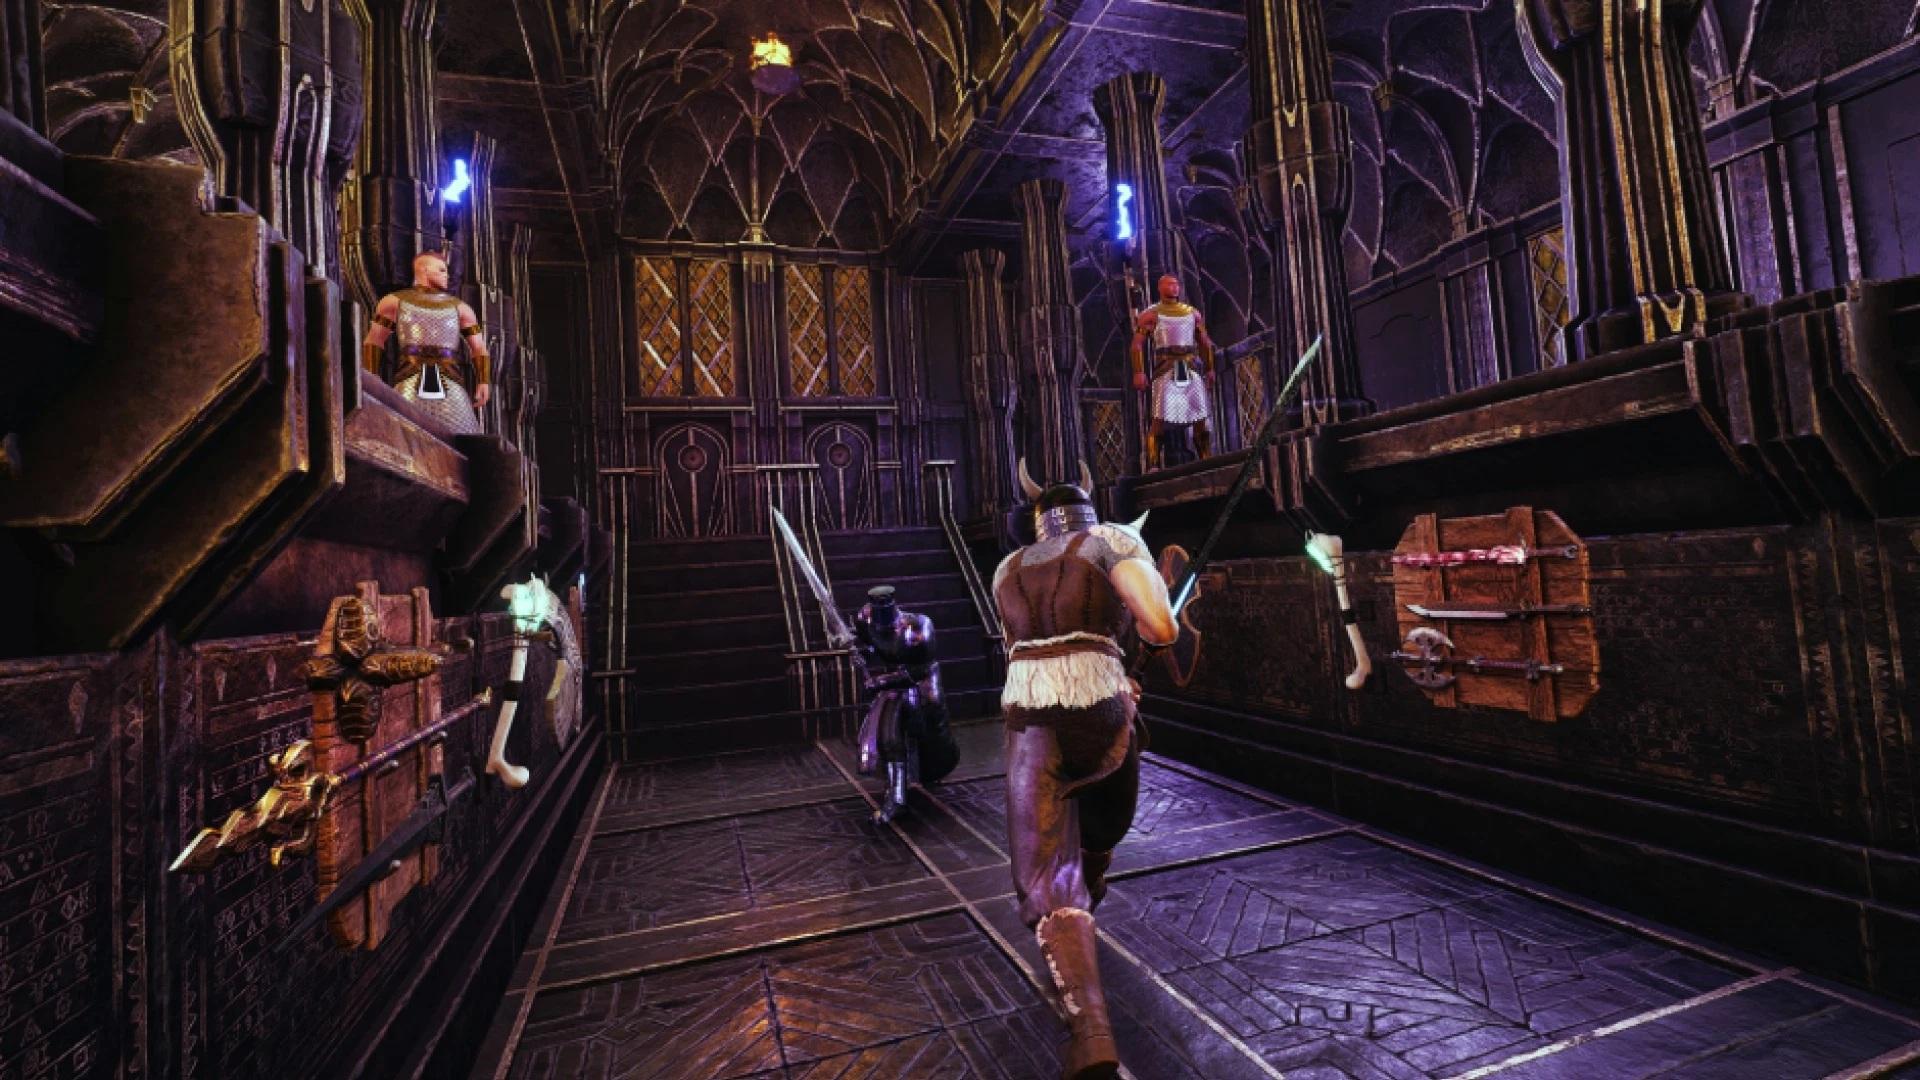 Conan Exiles: Isle of Siptah Released in Online Platforms in 2021